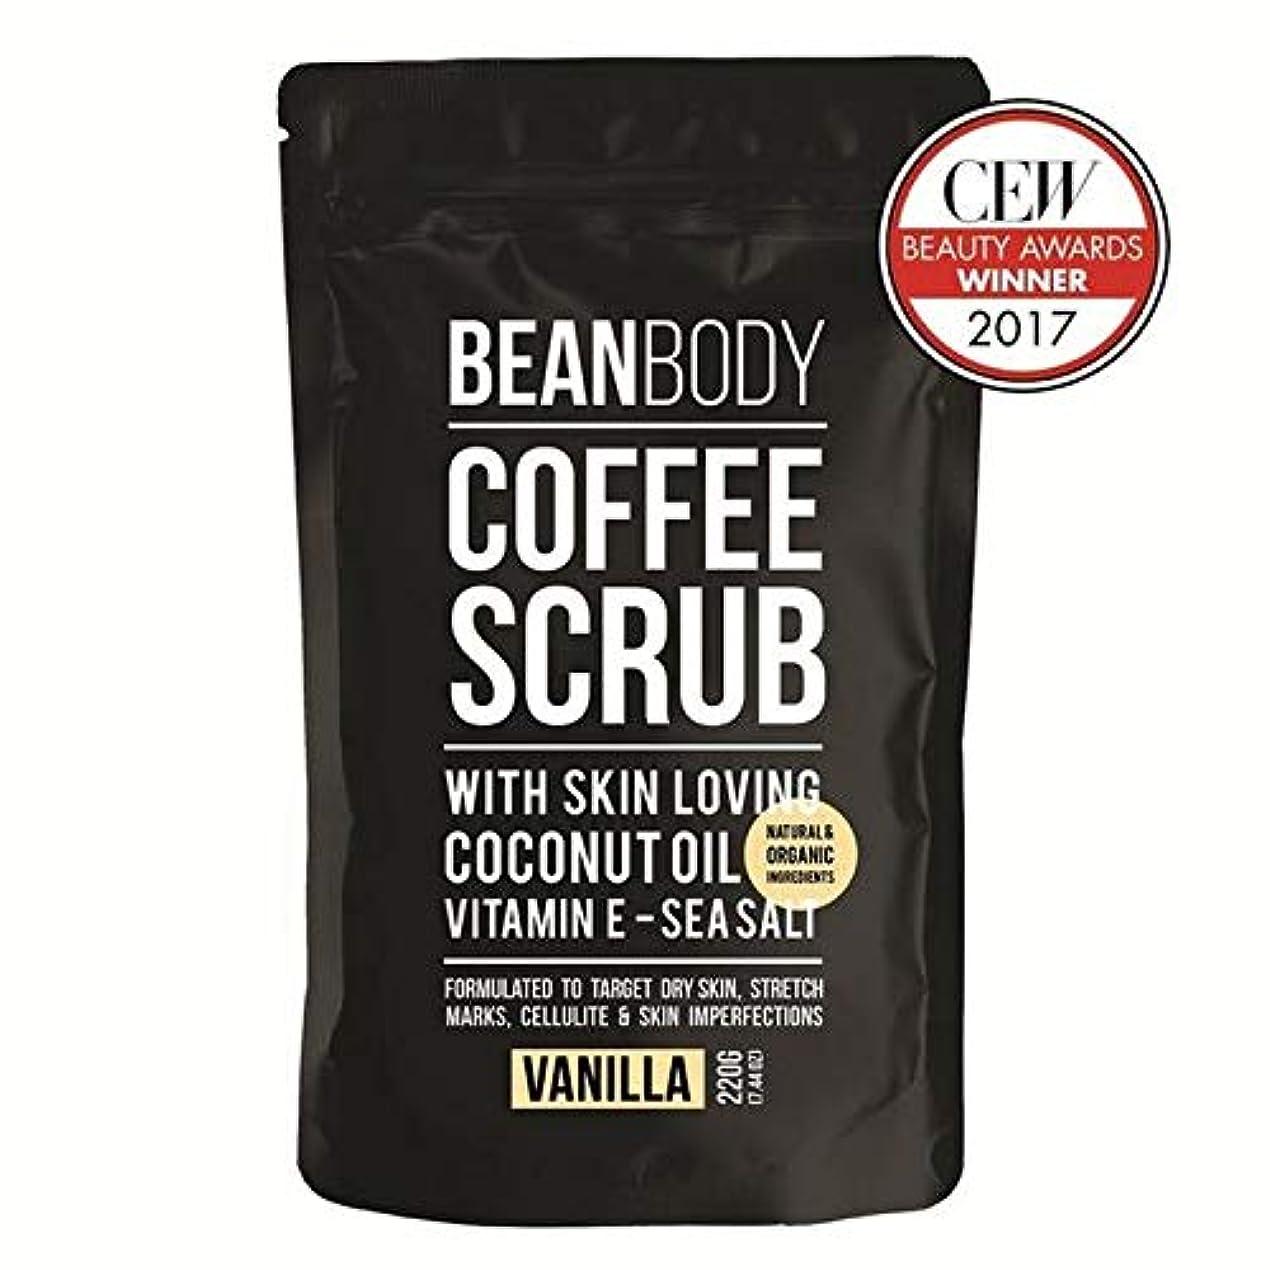 調査マイルドステーキ[Bean Body ] 豆のボディスクラブコーヒー、バニラ220グラム - Bean Body Coffee Scrub, Vanilla 220g [並行輸入品]